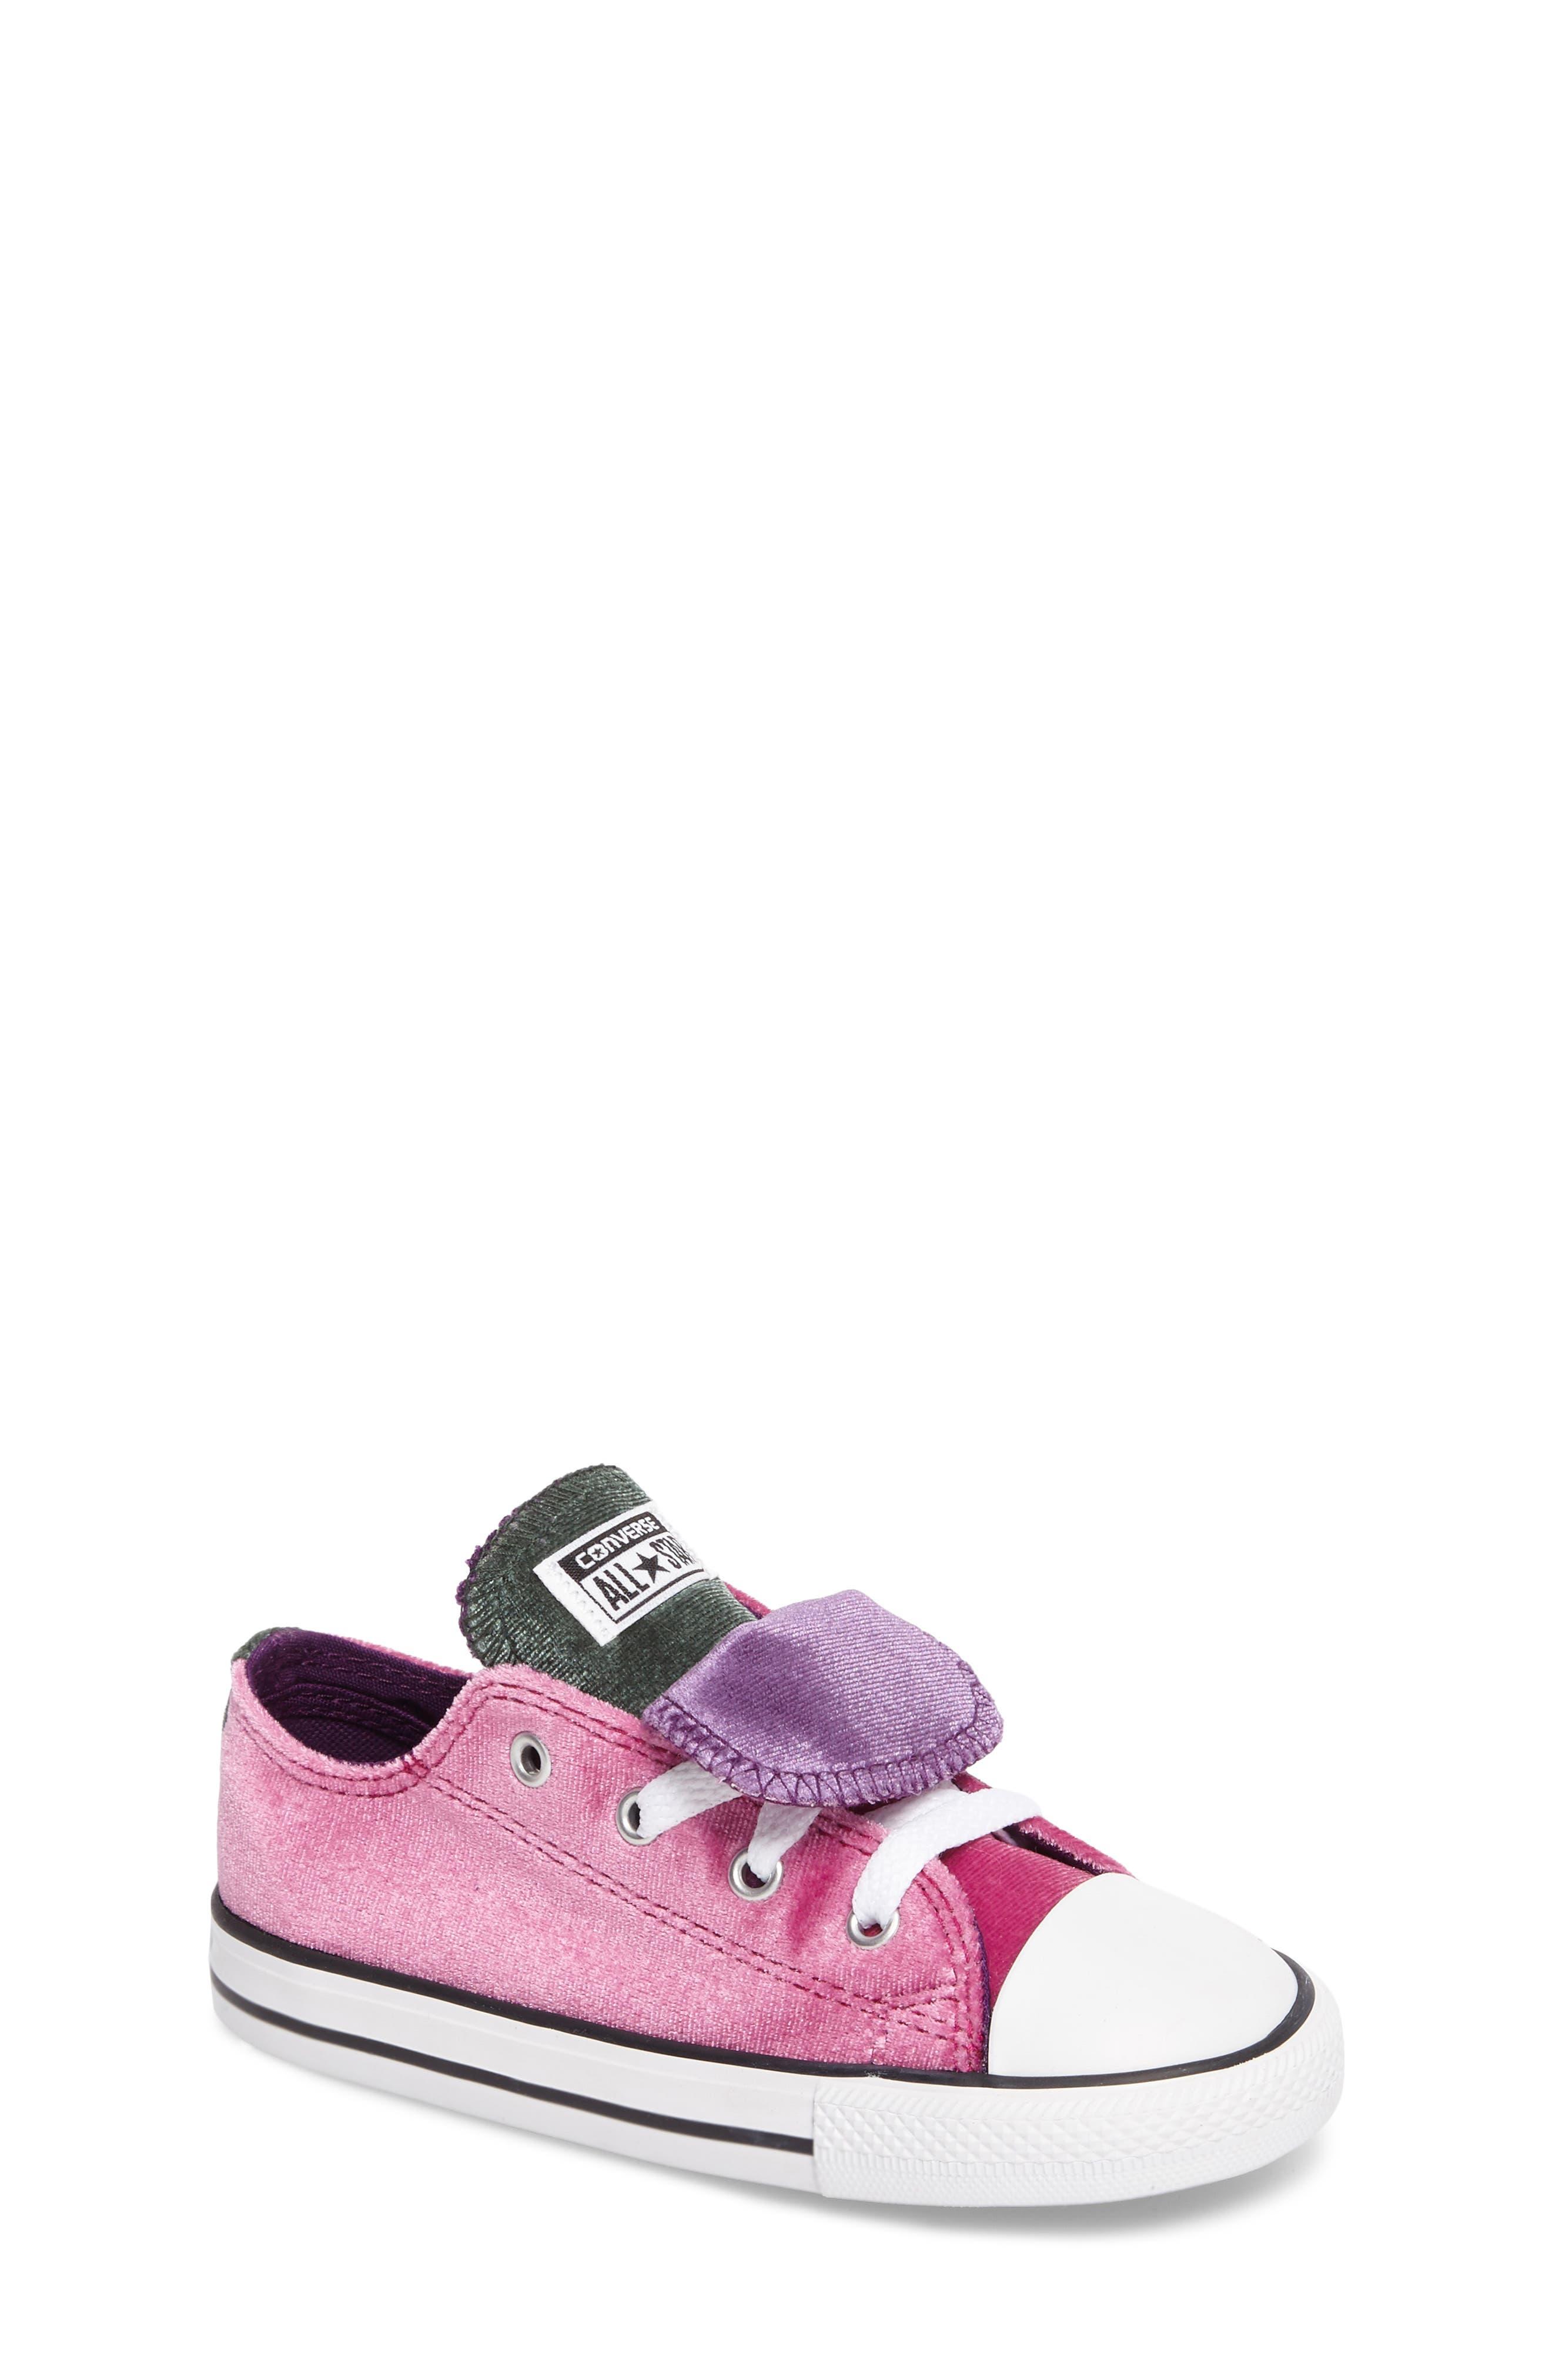 All Star<sup>®</sup> Velvet Double Tongue Sneaker,                             Main thumbnail 1, color,                             Pink Sapphire Velvet